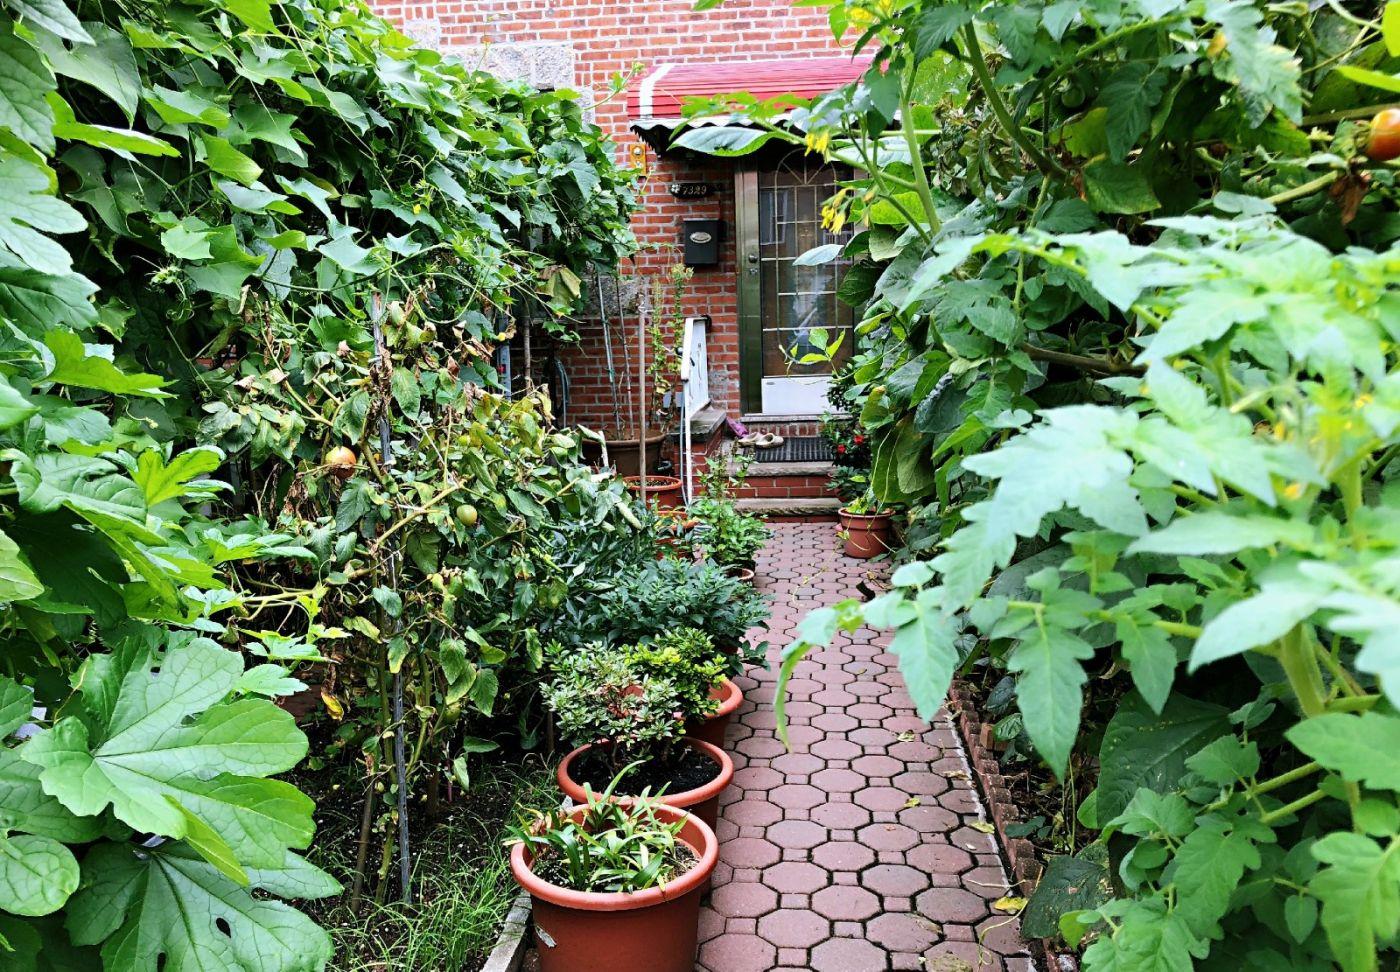 【田螺随拍】路边窗前的小菜园子_图1-6